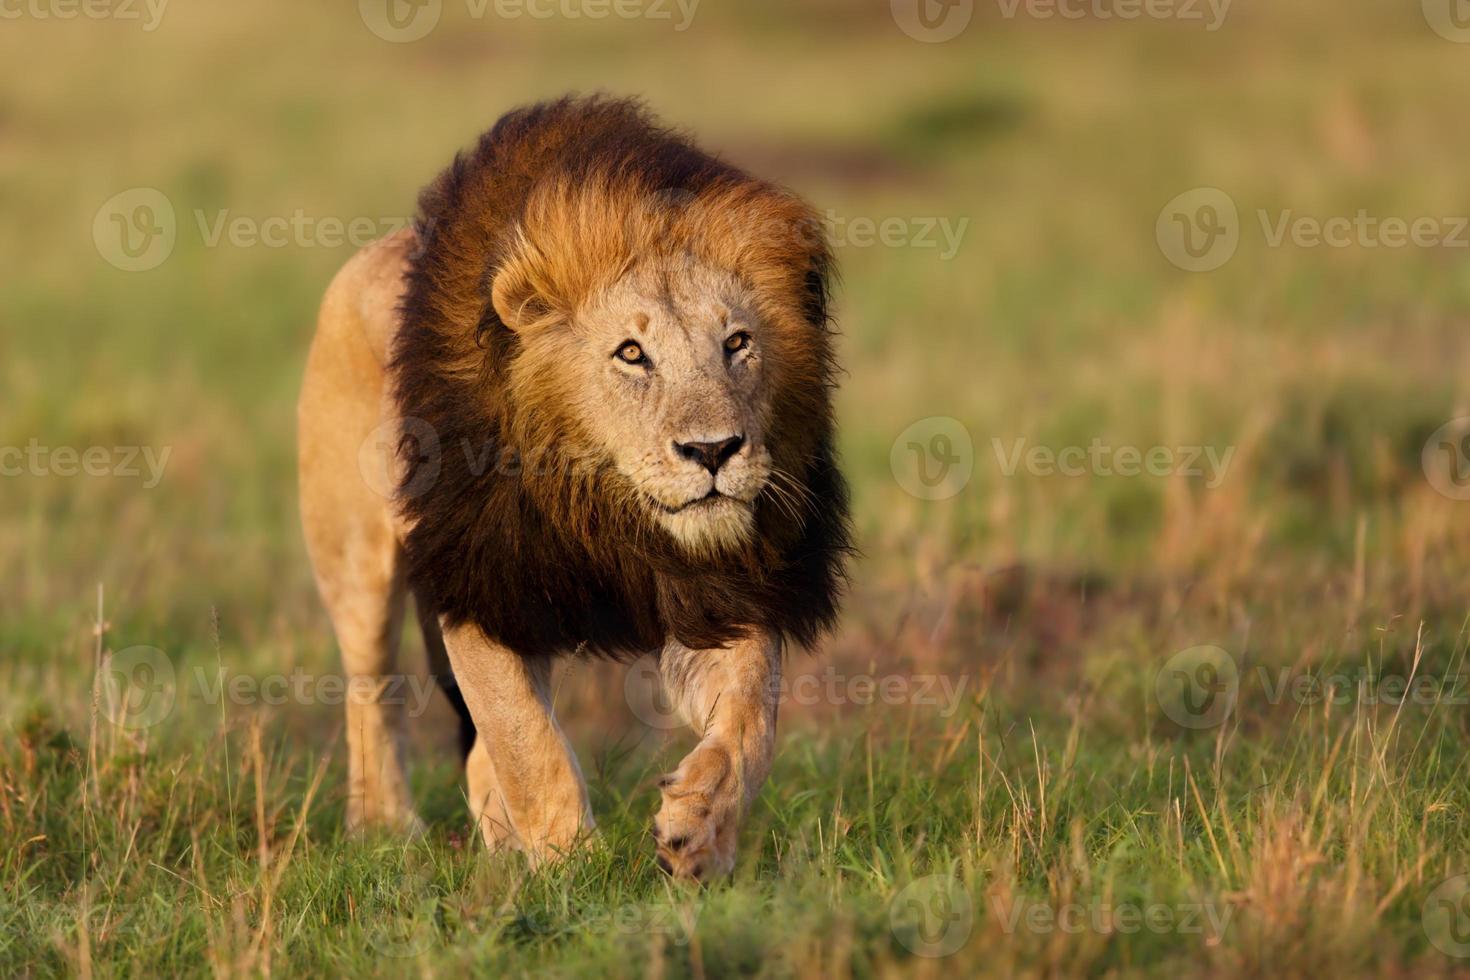 Lion Notch 2 in Masai Mara, Kenya photo